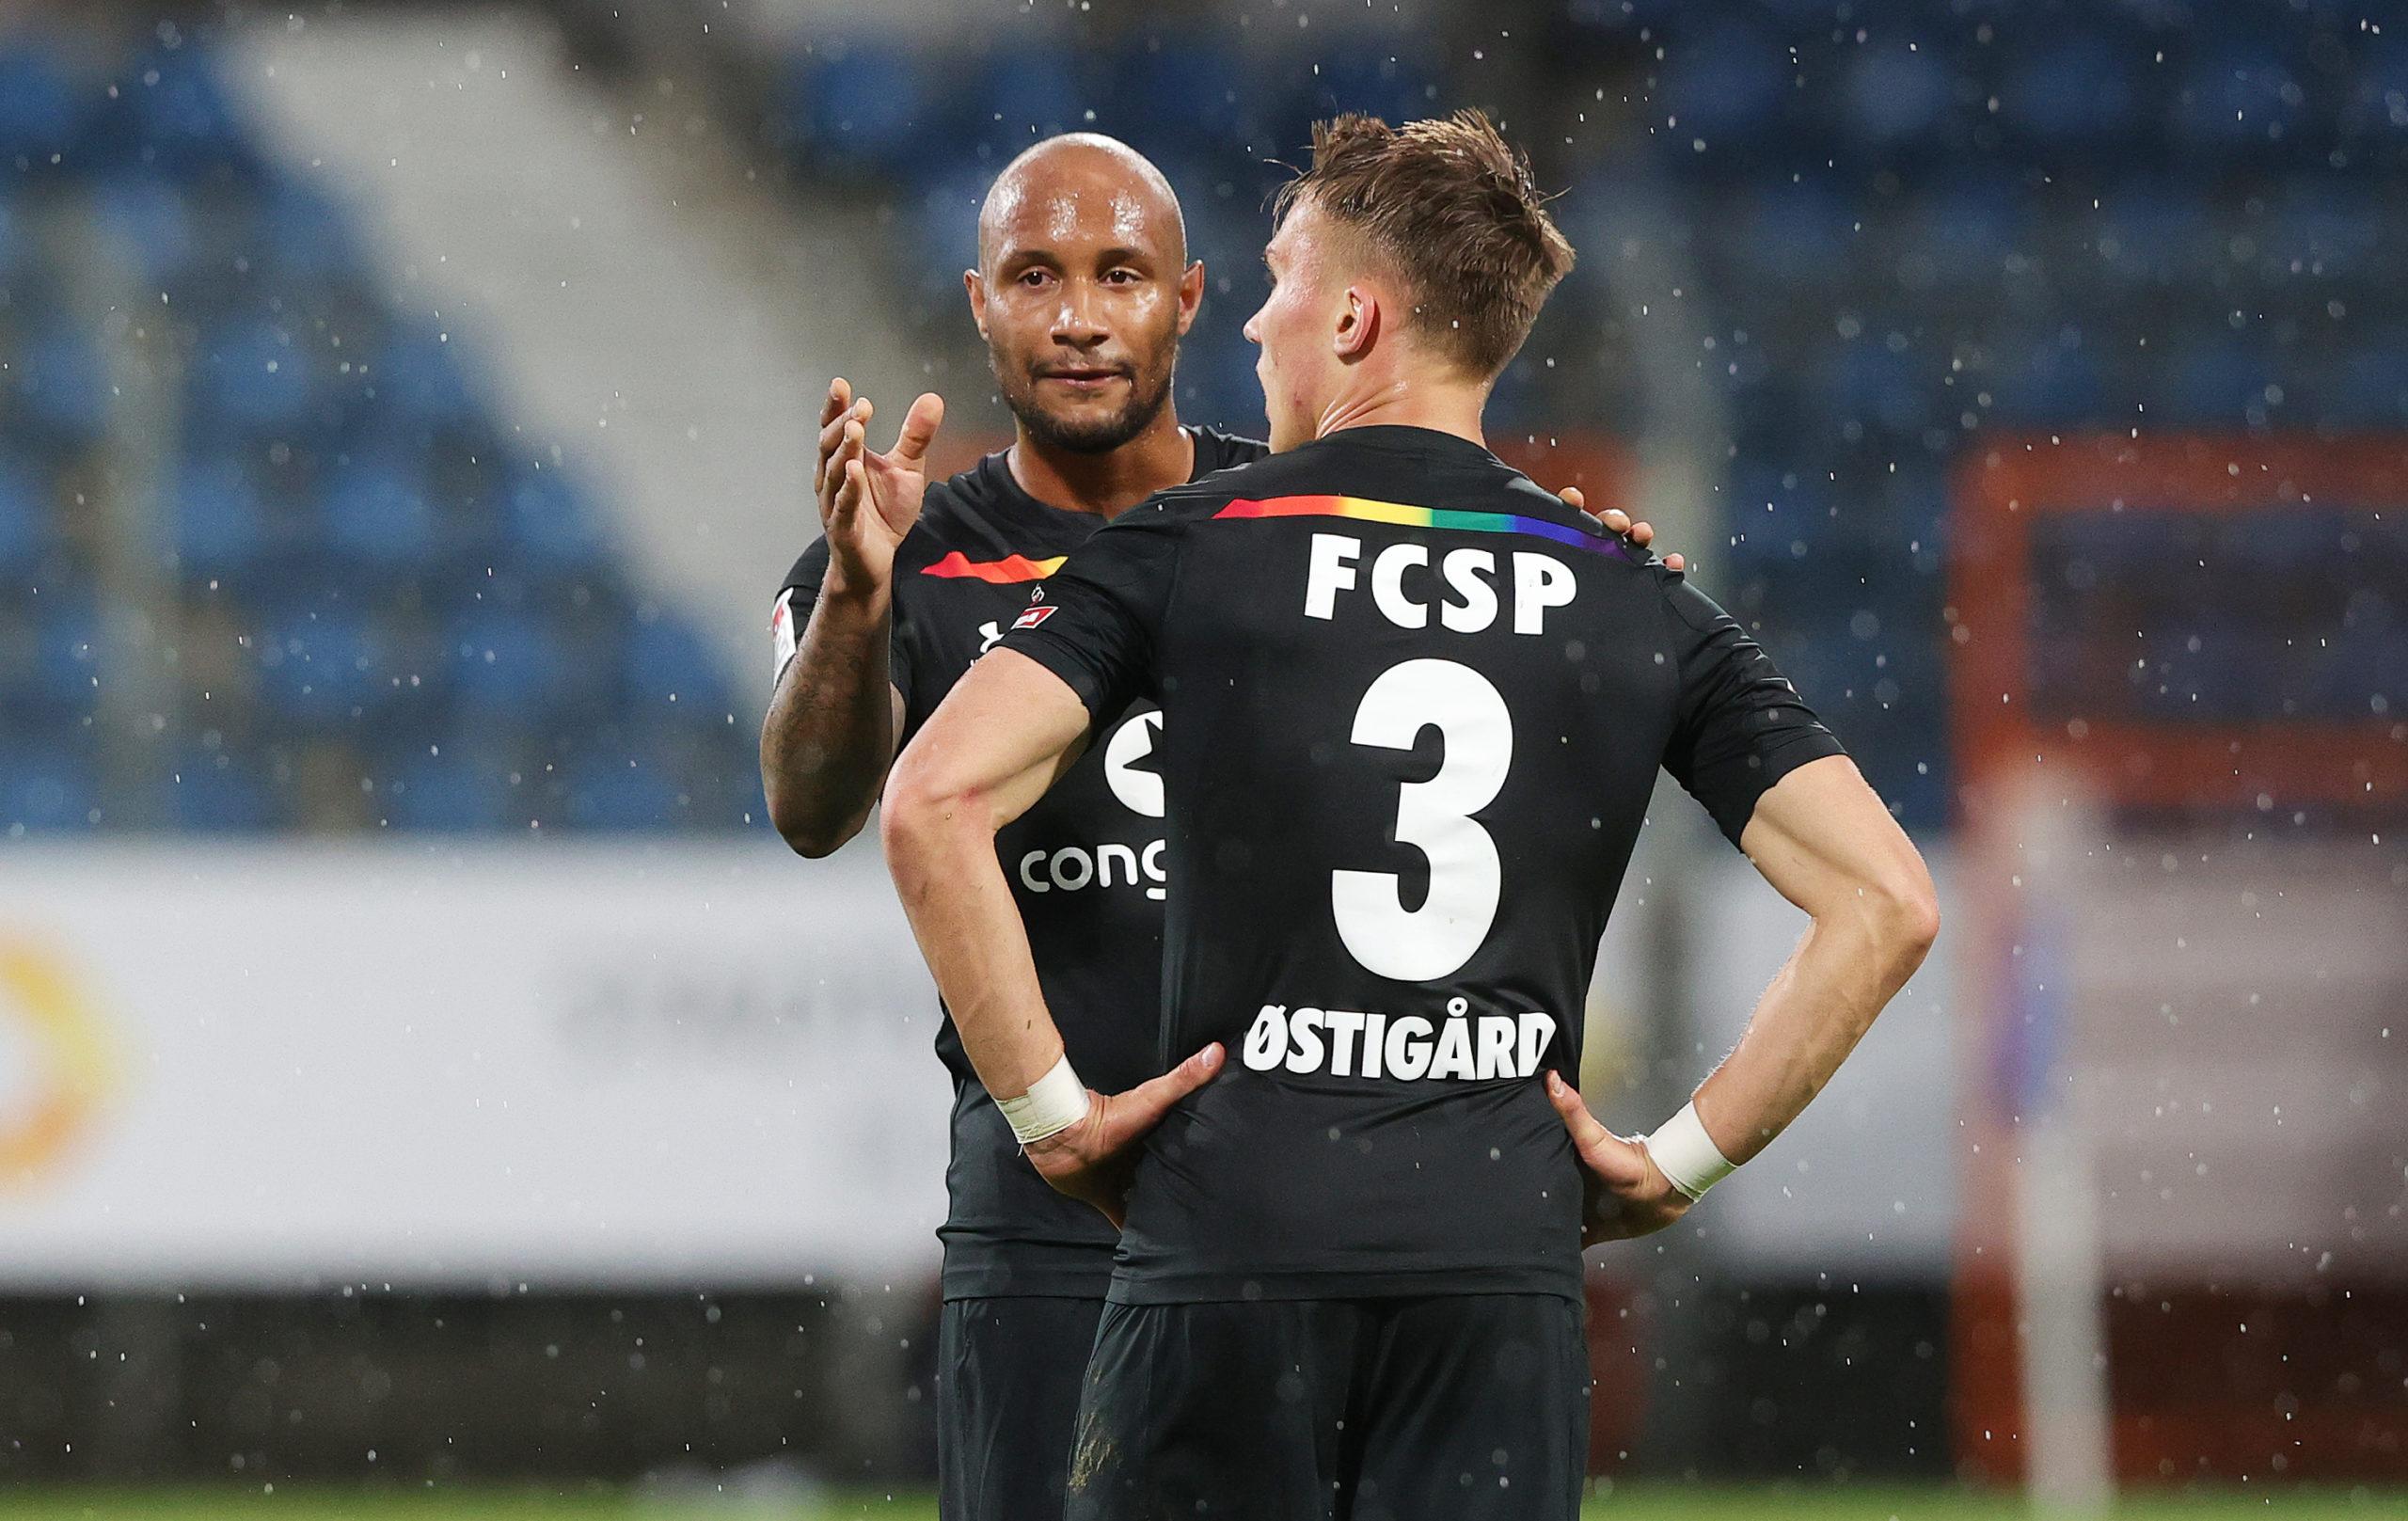 Nach dem Spiel – VfL Bochum (A) – Spieltag 30 – Saison 2019/2020